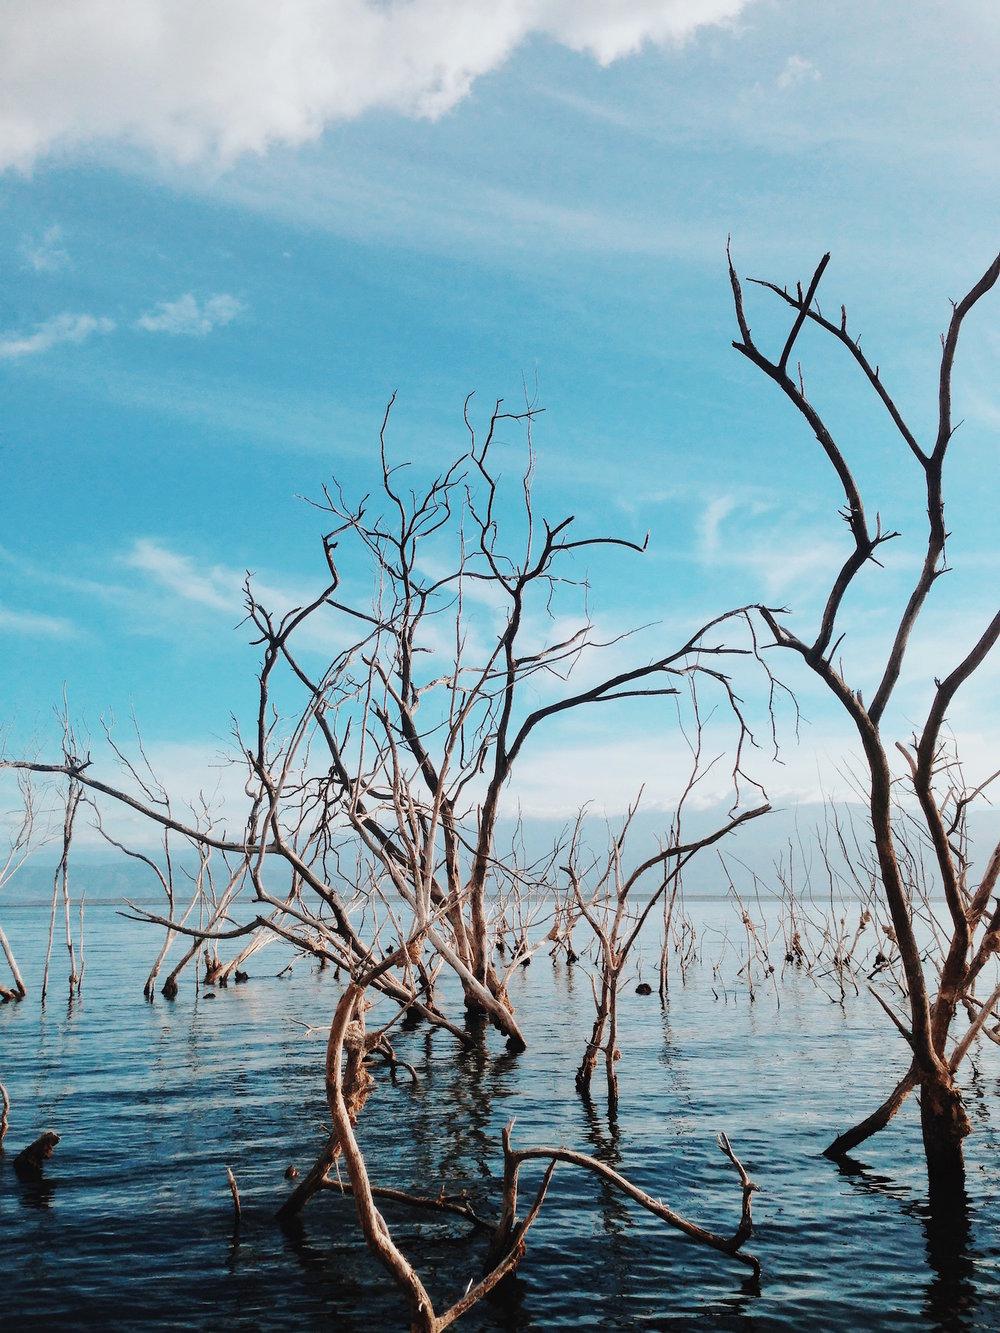 El Lago Enriquillo - Bahoruco e Independencia, República Dominicana